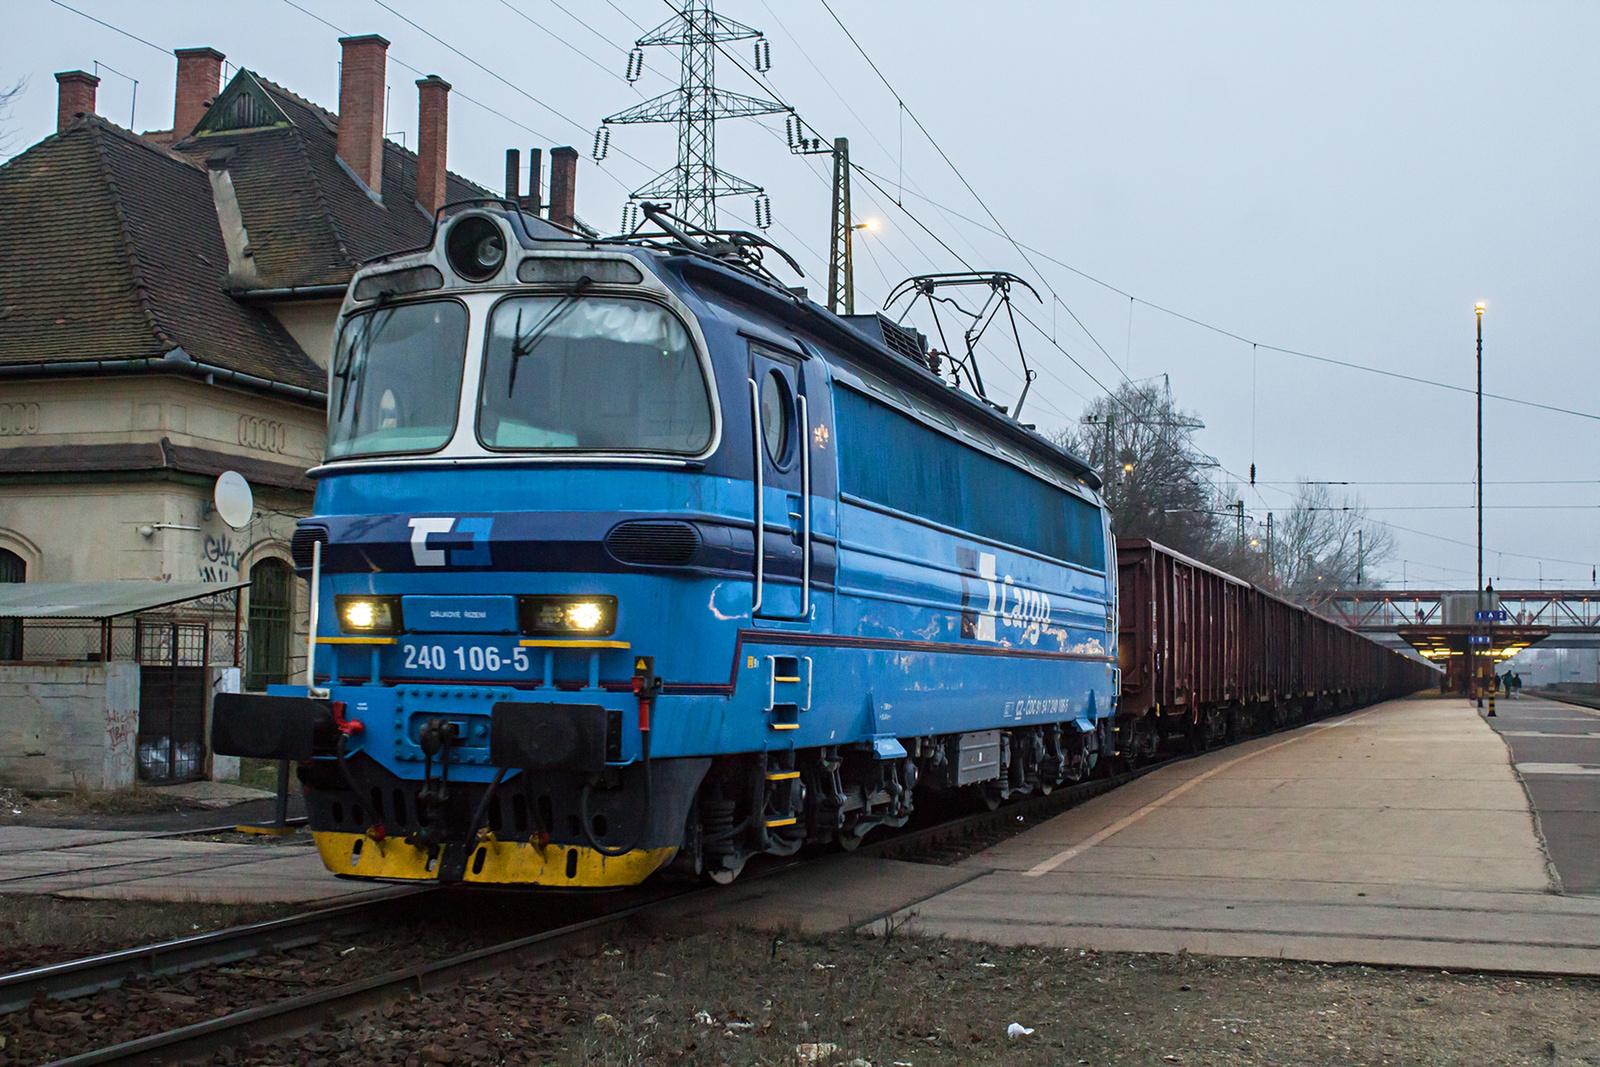 240 106 Kőbánya-Kispest (2021.02.02)